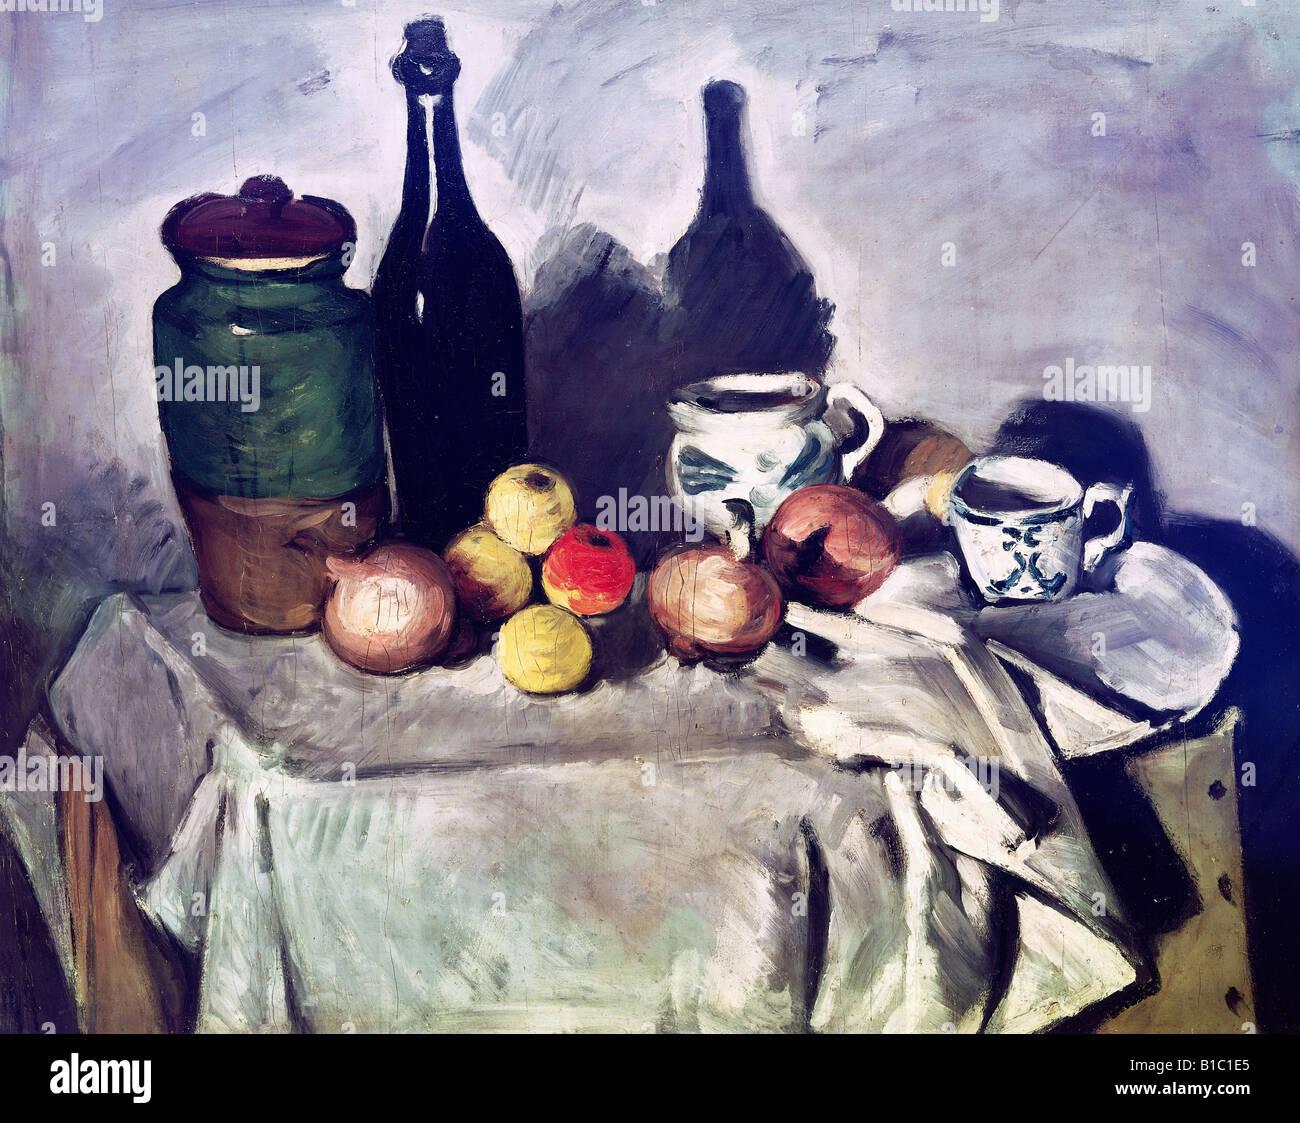 Belle arti, Cezanne, Paul (19.1.1893 - 22.10.1906), pittura, 'Still vita con frutta e piatti', intorno al 1869  Foto Stock